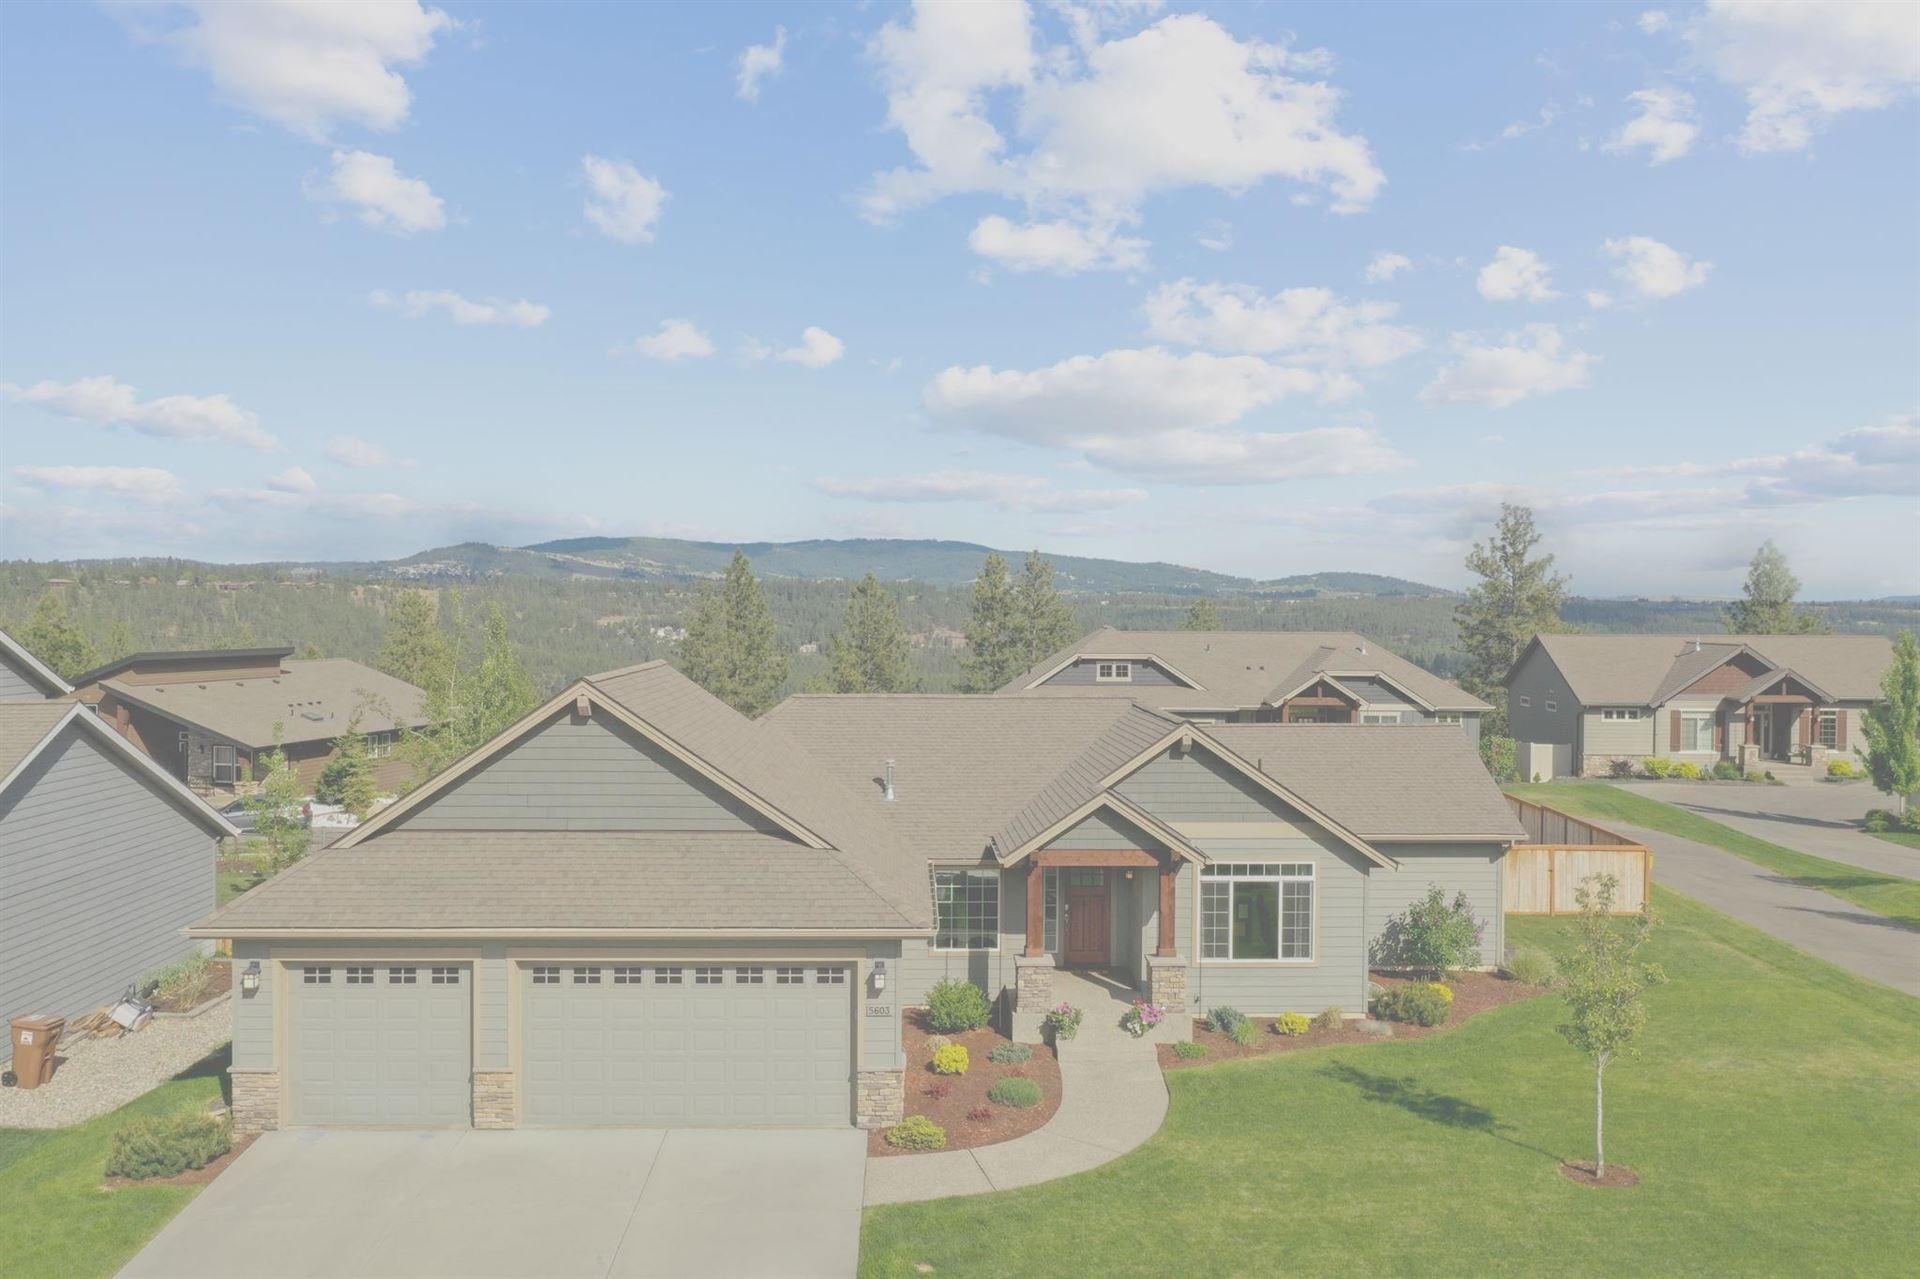 5603 S Copper Ridge Blvd, Spokane, WA 99224 - #: 202115862